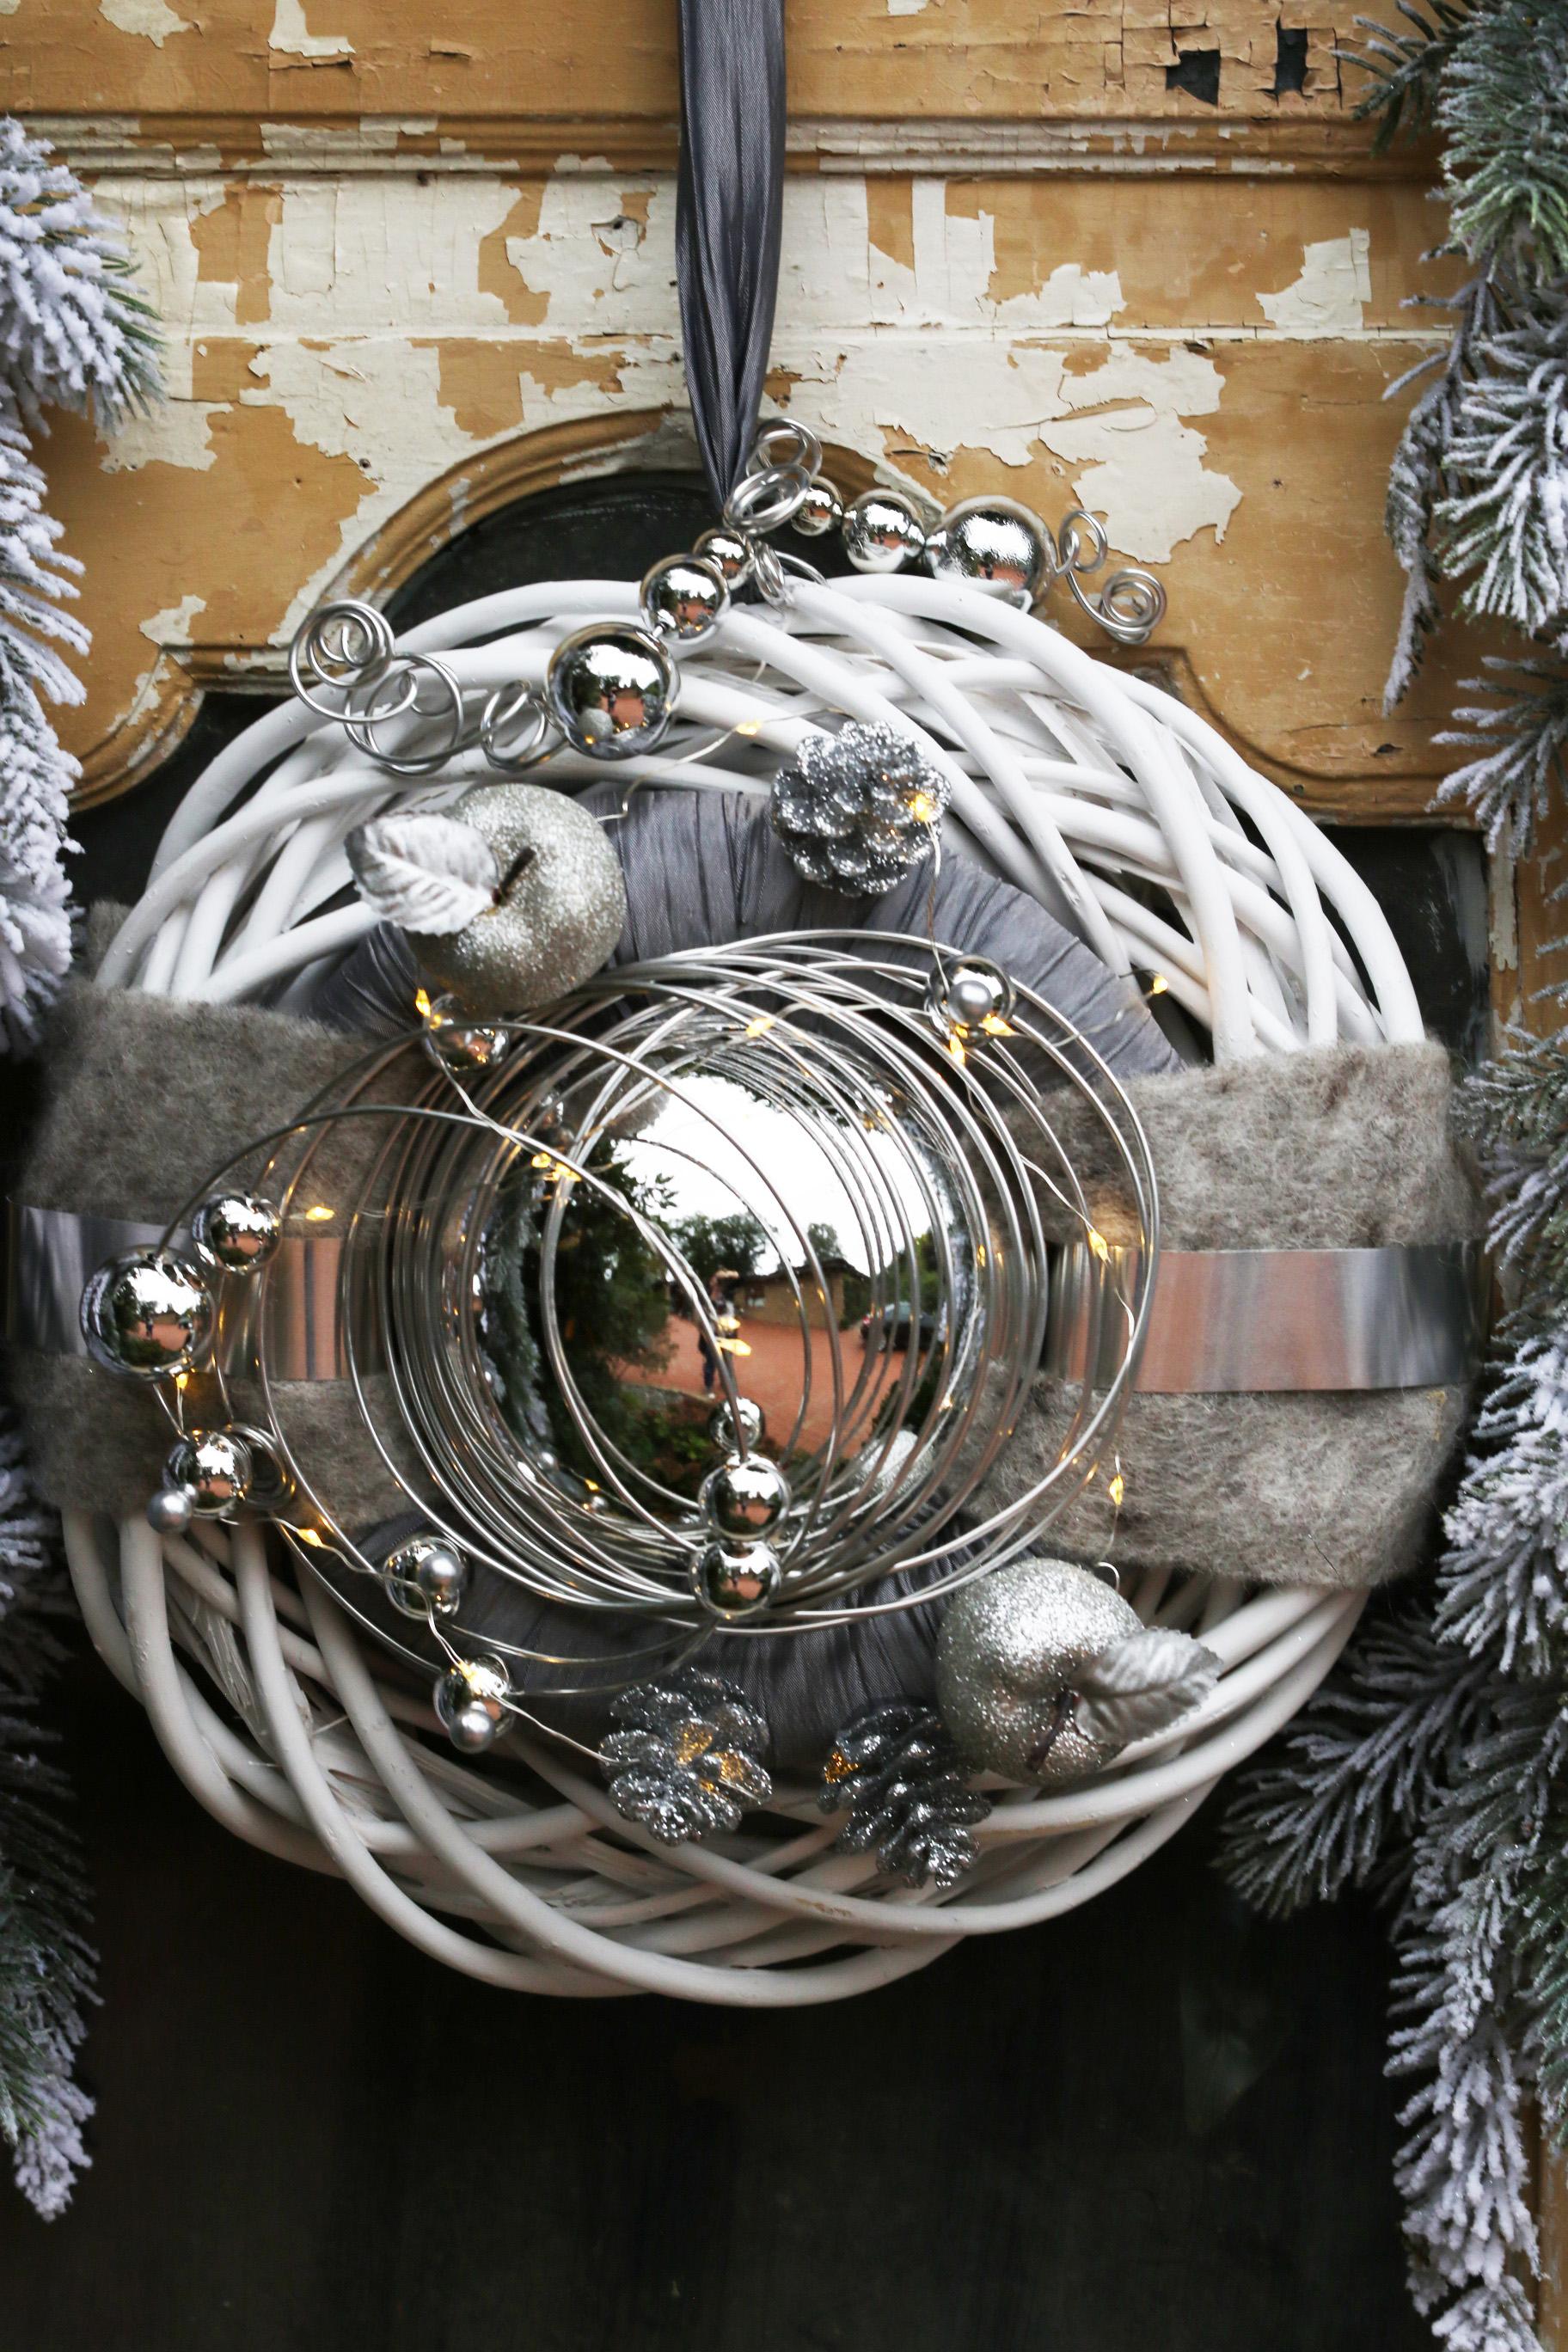 mit Lichterkette Winterkranz Doppelkranz Wandkranz Nr.33 T/ürkranz natur 30 cm wahlweise mit LED-LICHTERKETTE mit gold Kugel creme grau gold modern T/ürdeko Winter Weihnachten T/ürdeko T/ürdekoration